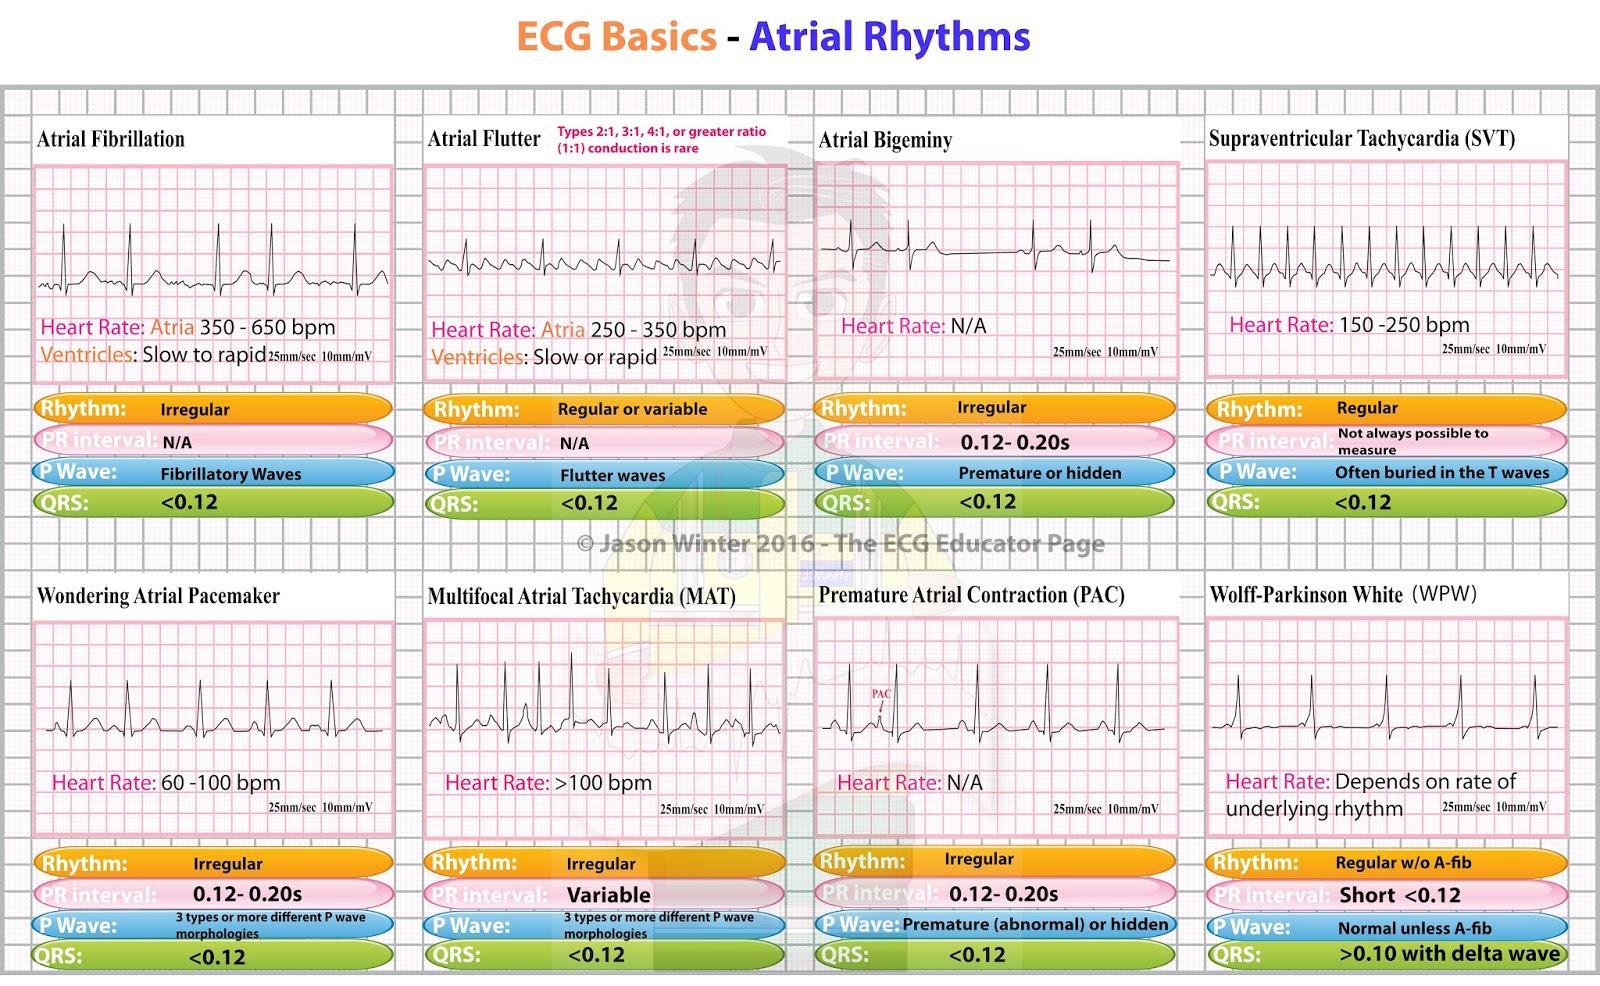 Atrial Rhythm